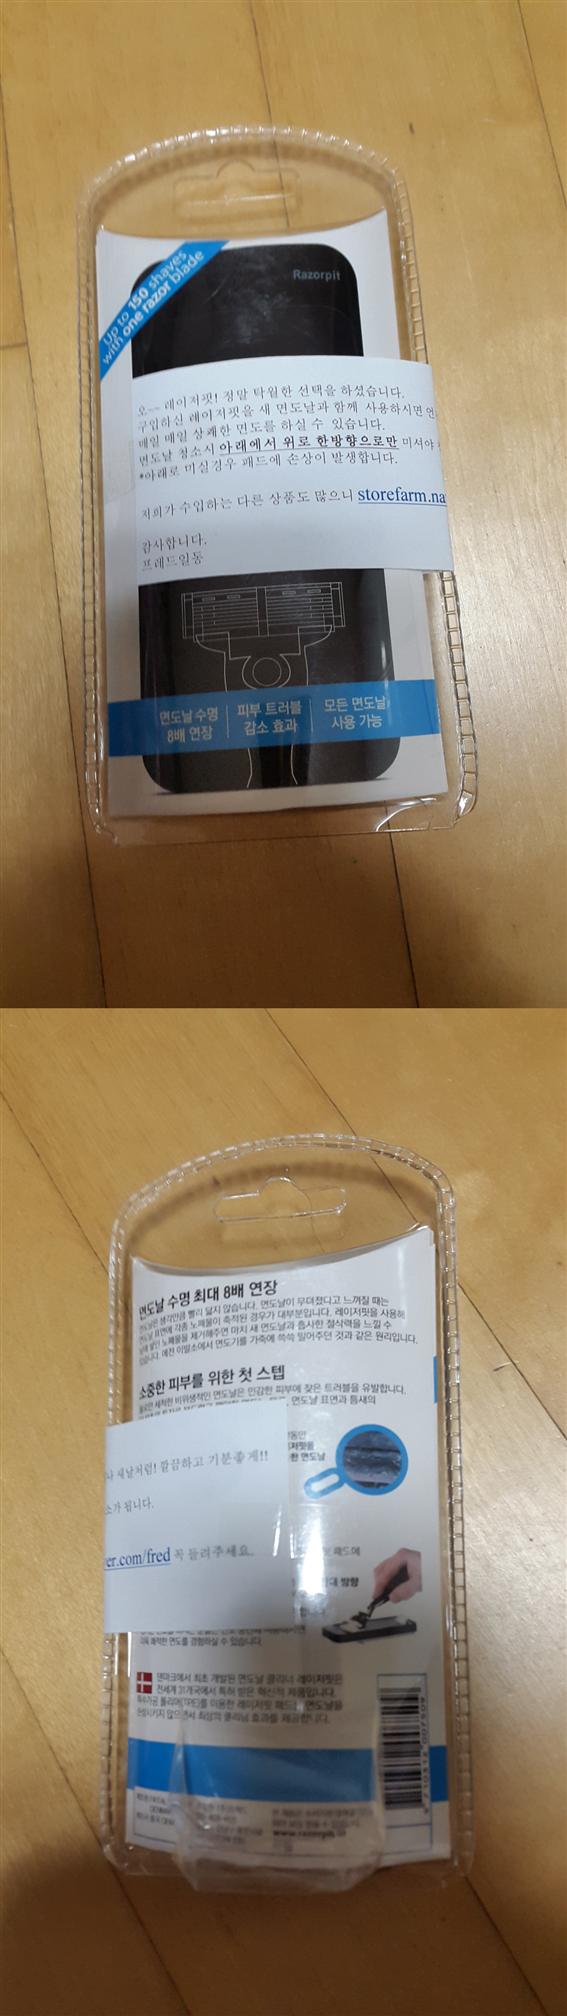 그림입니다.<br/>원본 그림의 이름: 20150721_211723-vert.jpg<br/>원본 그림의 크기: 가로 1152pixel, 세로 4096pixel<br/>사진 찍은 날짜: 2015년 07월 21일 오후 9:17<br/>카메라 제조 업체 : samsung<br/>카메라 모델 : SM-G850L<br/>프로그램 이름 : PhotoScape<br/>F-스톱 : 2.2<br/>노출 시간 : 1/30초<br/>IOS 감도 : 125<br/>색 대표 : sRGB<br/>노출 모드 : 자동<br/>35mm 초점 거리 : 3